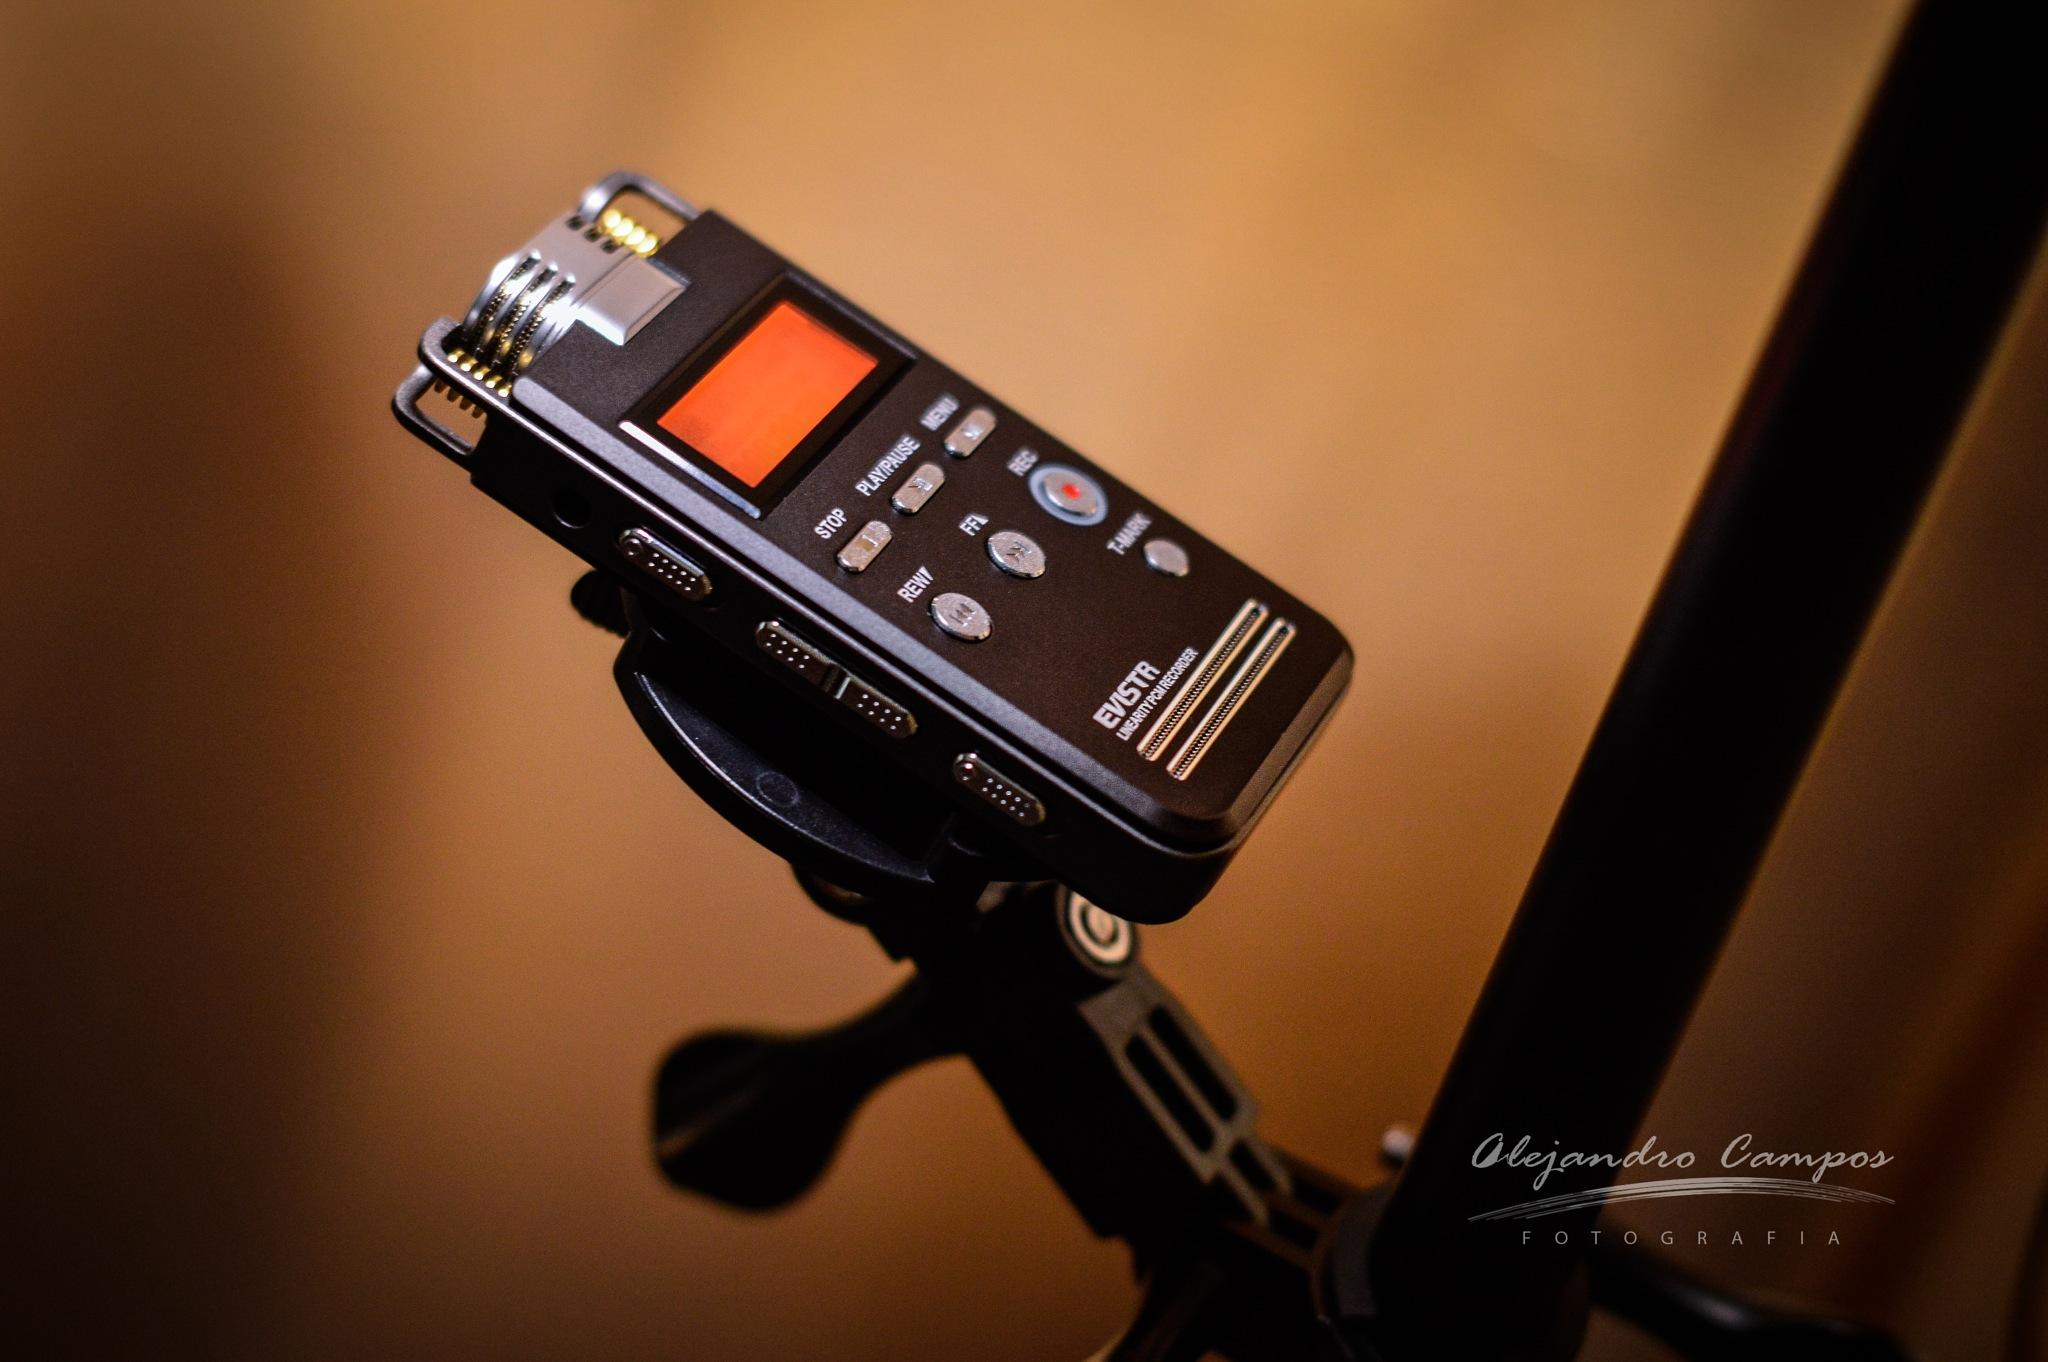 Evistr L53 sound recorder + EKEN accessories by alejandrocamposfotografia